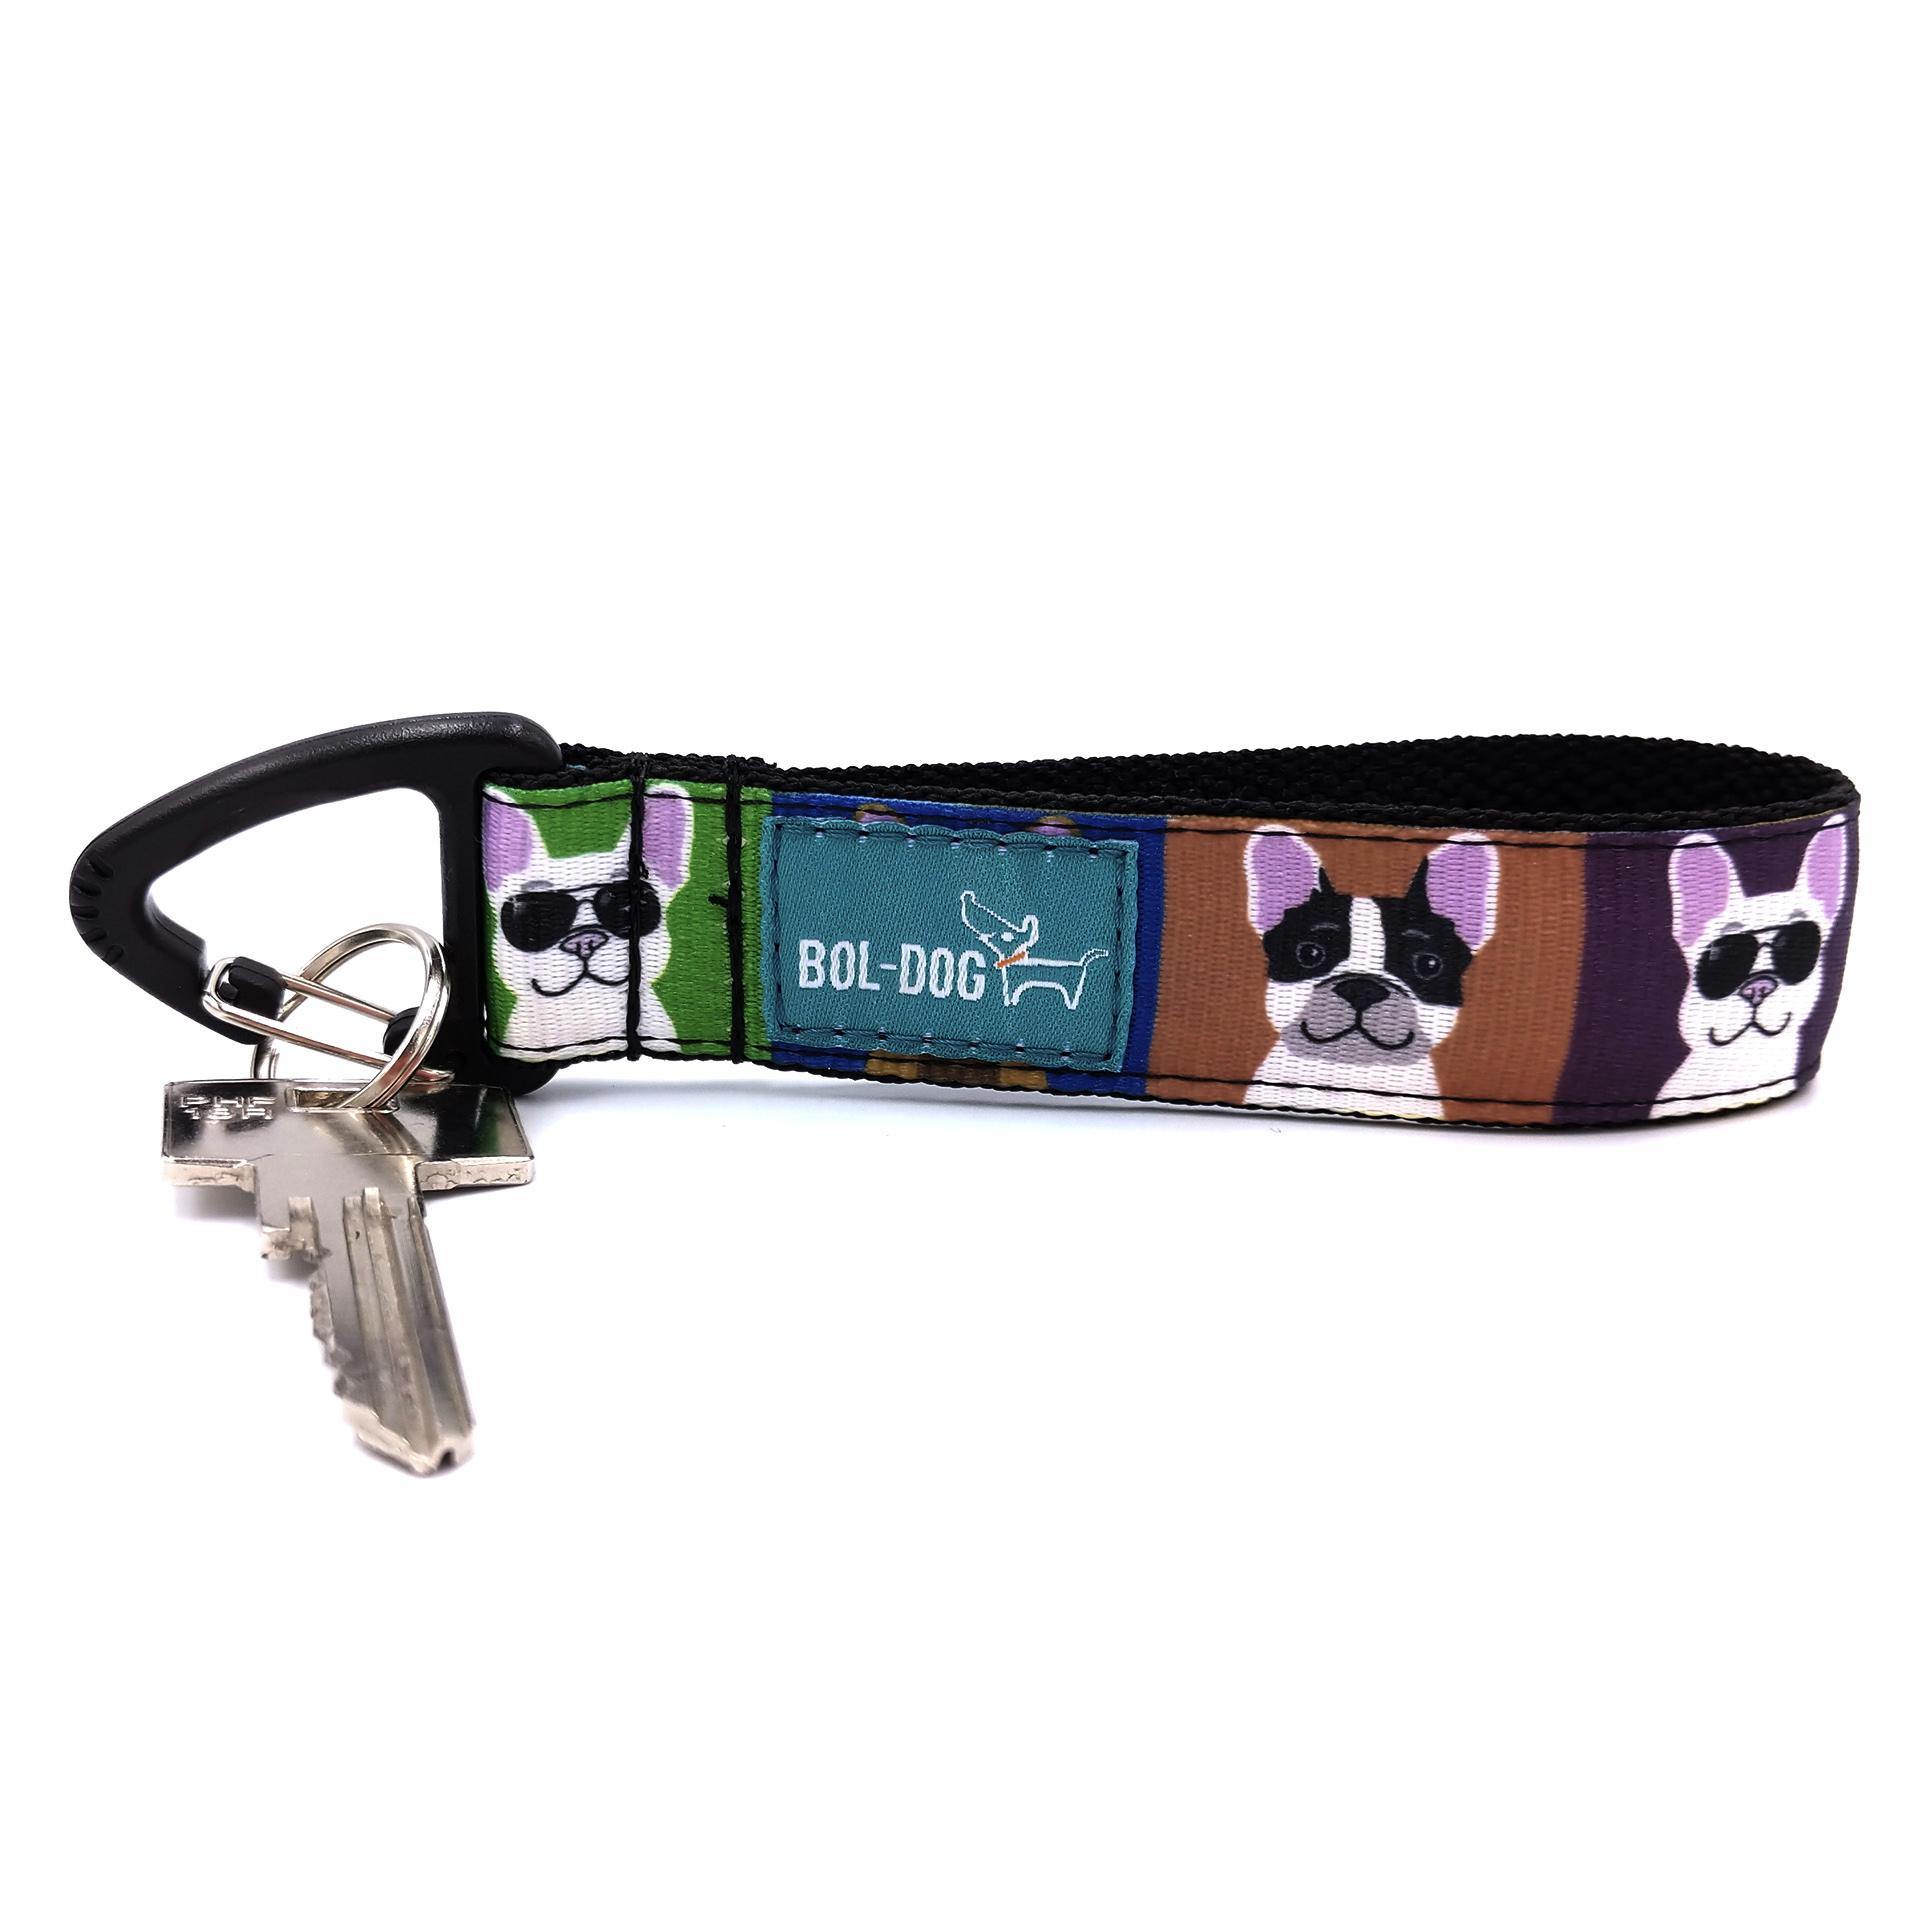 Bulldog love key holder